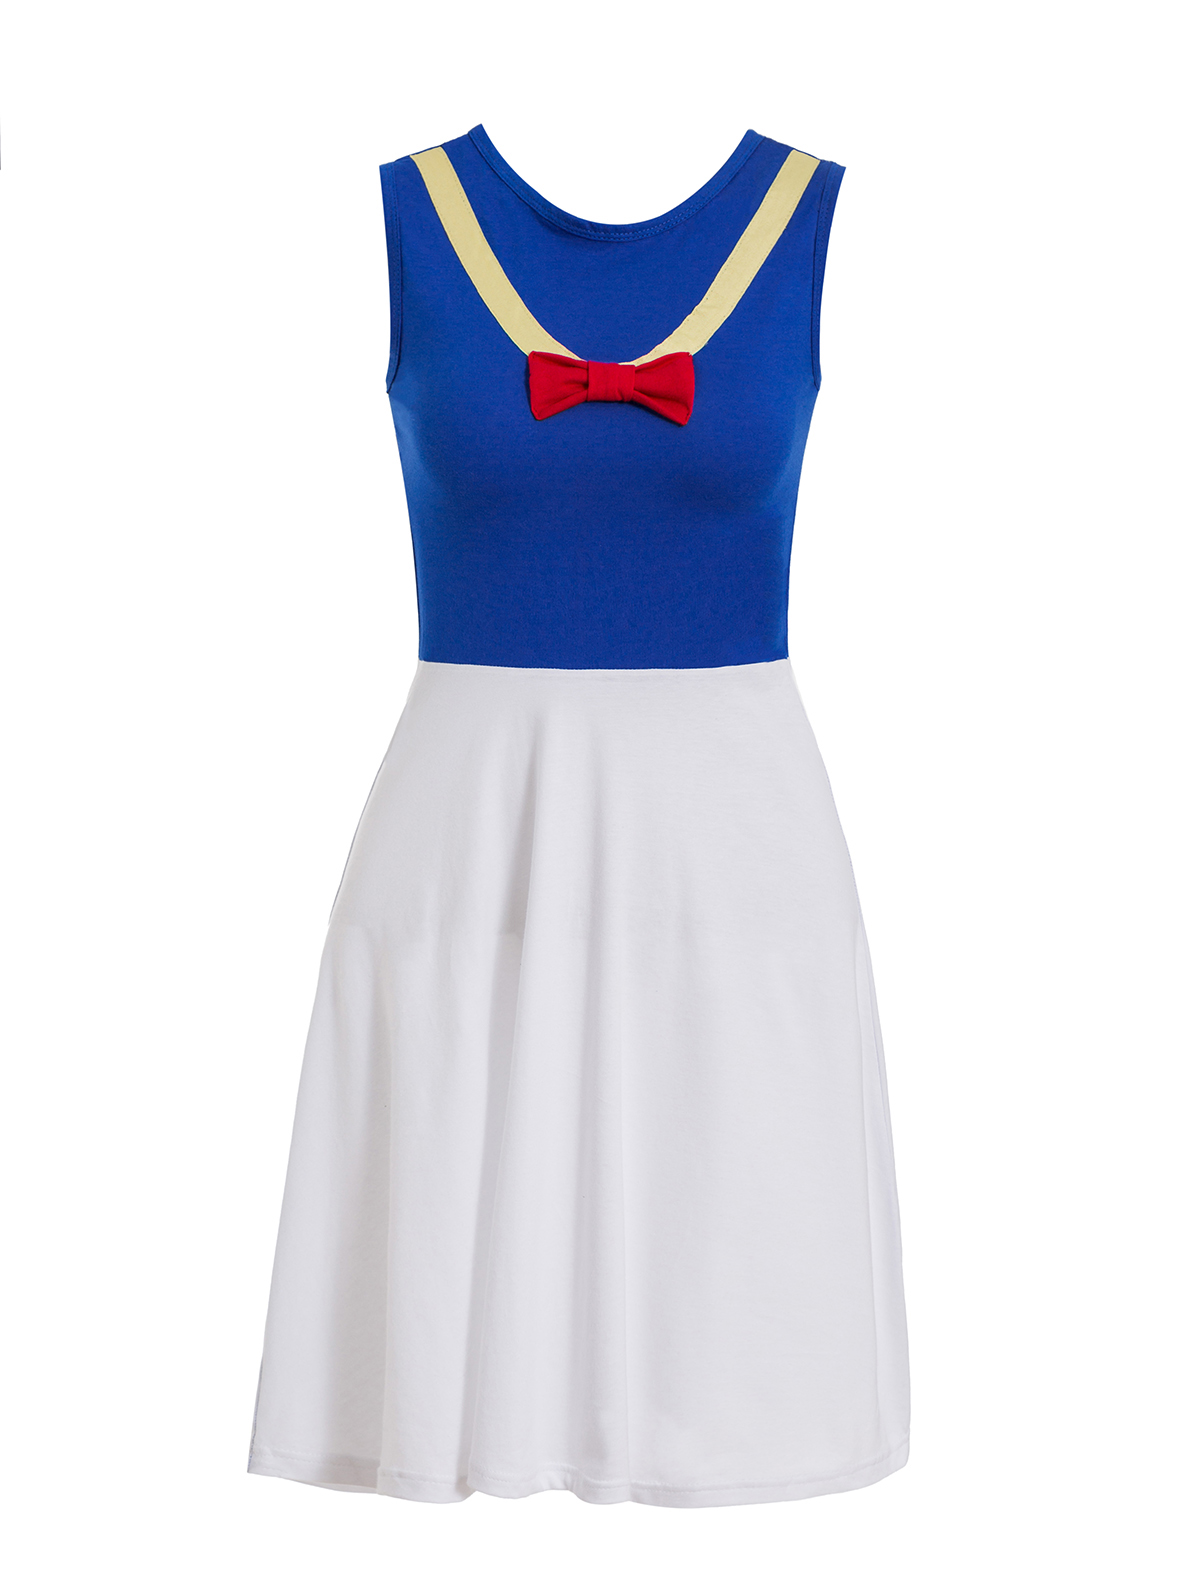 Платье принцессы для взрослых; одинаковый семейный маскарадный костюм «Минни Маус и я»; женское платье принцессы в горошек; большие размеры - Цвет: donload